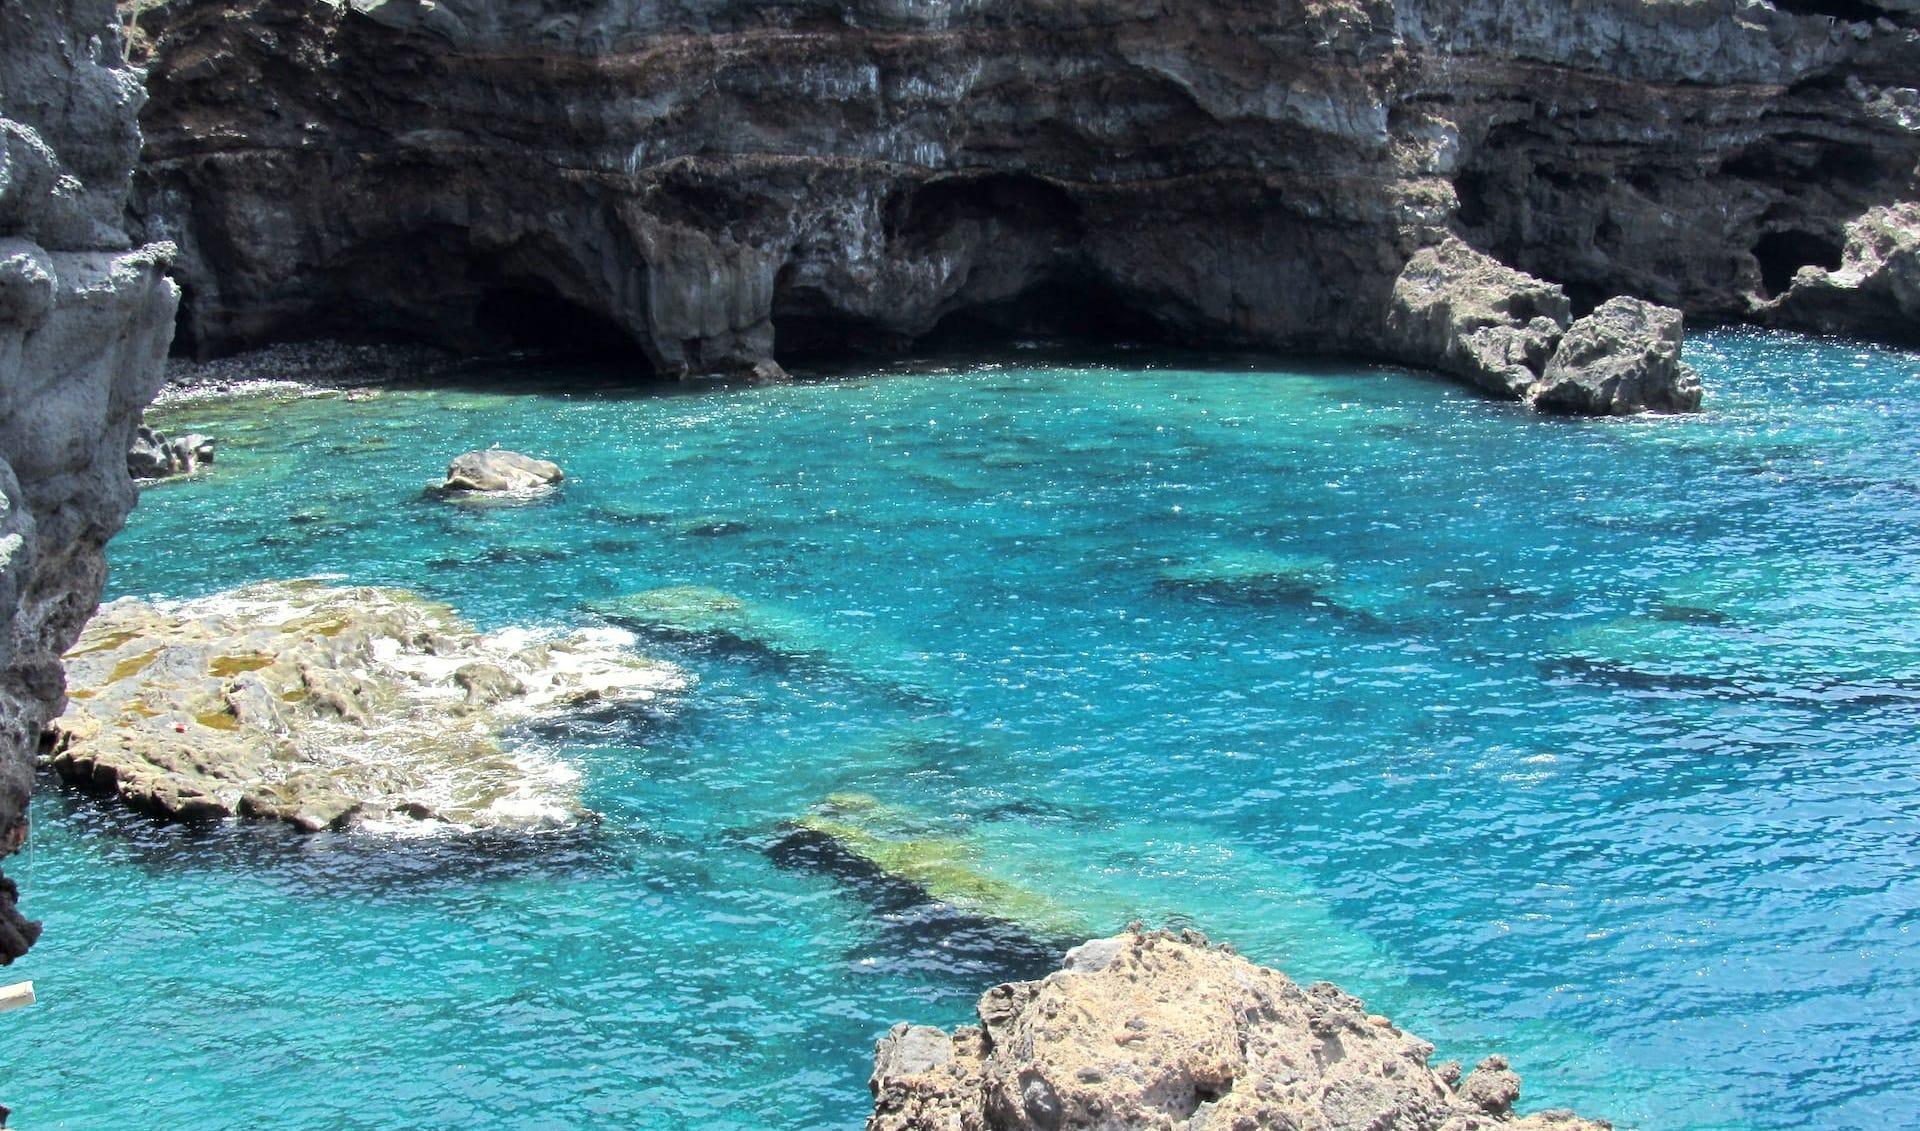 Vacanze alle Canarie perché visitare l'isola de La Palma